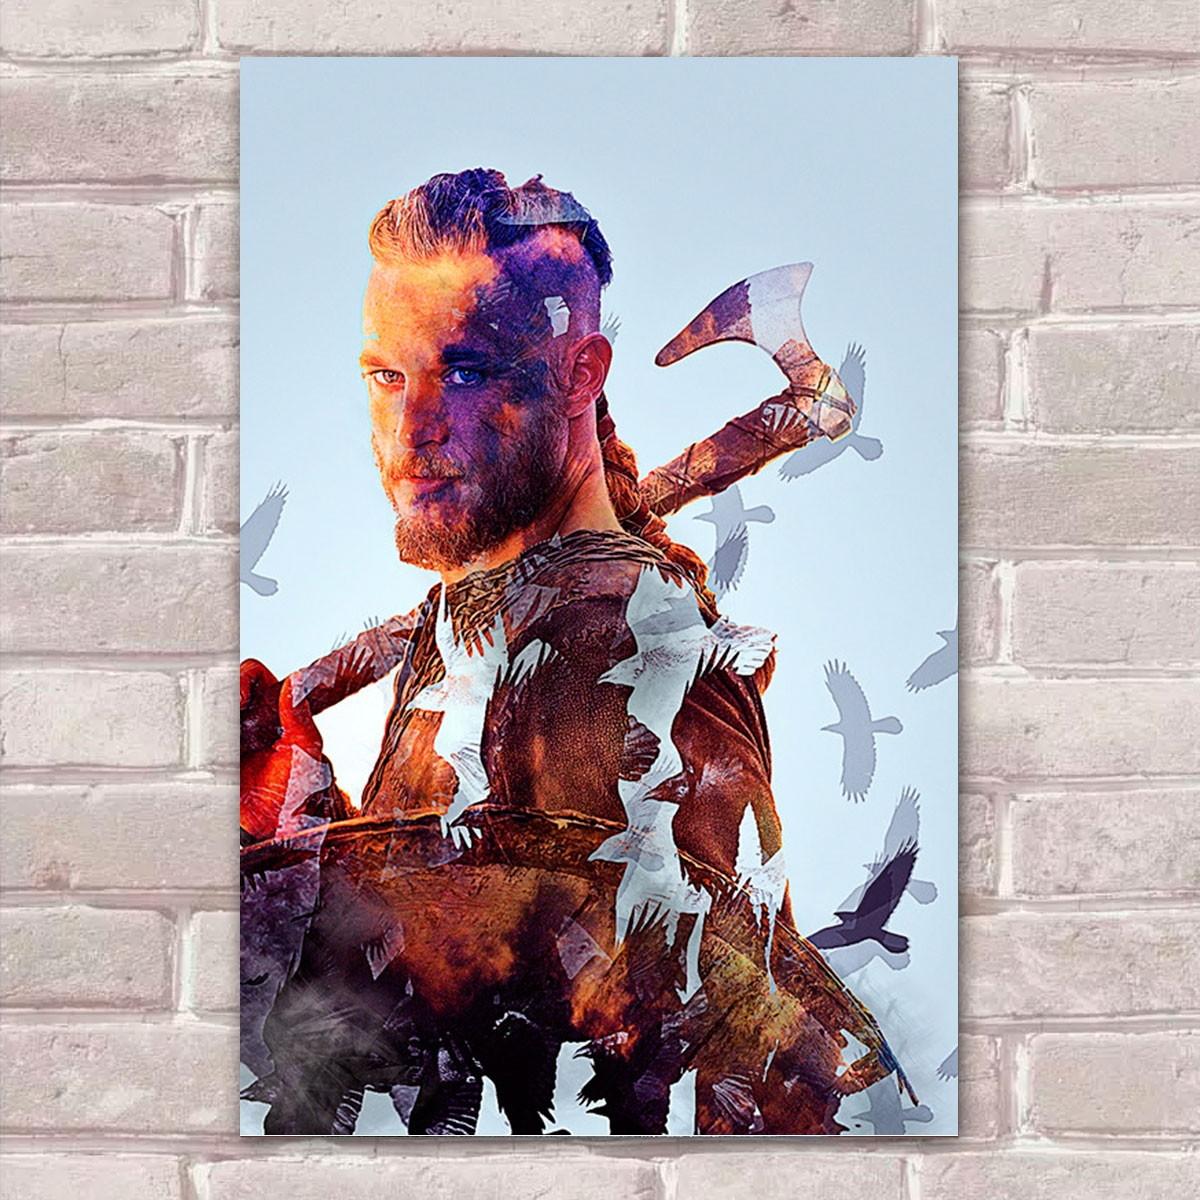 Placa Decorativa Vikings 13 Abstrato 30x20cm No Elo7 Franadesivos